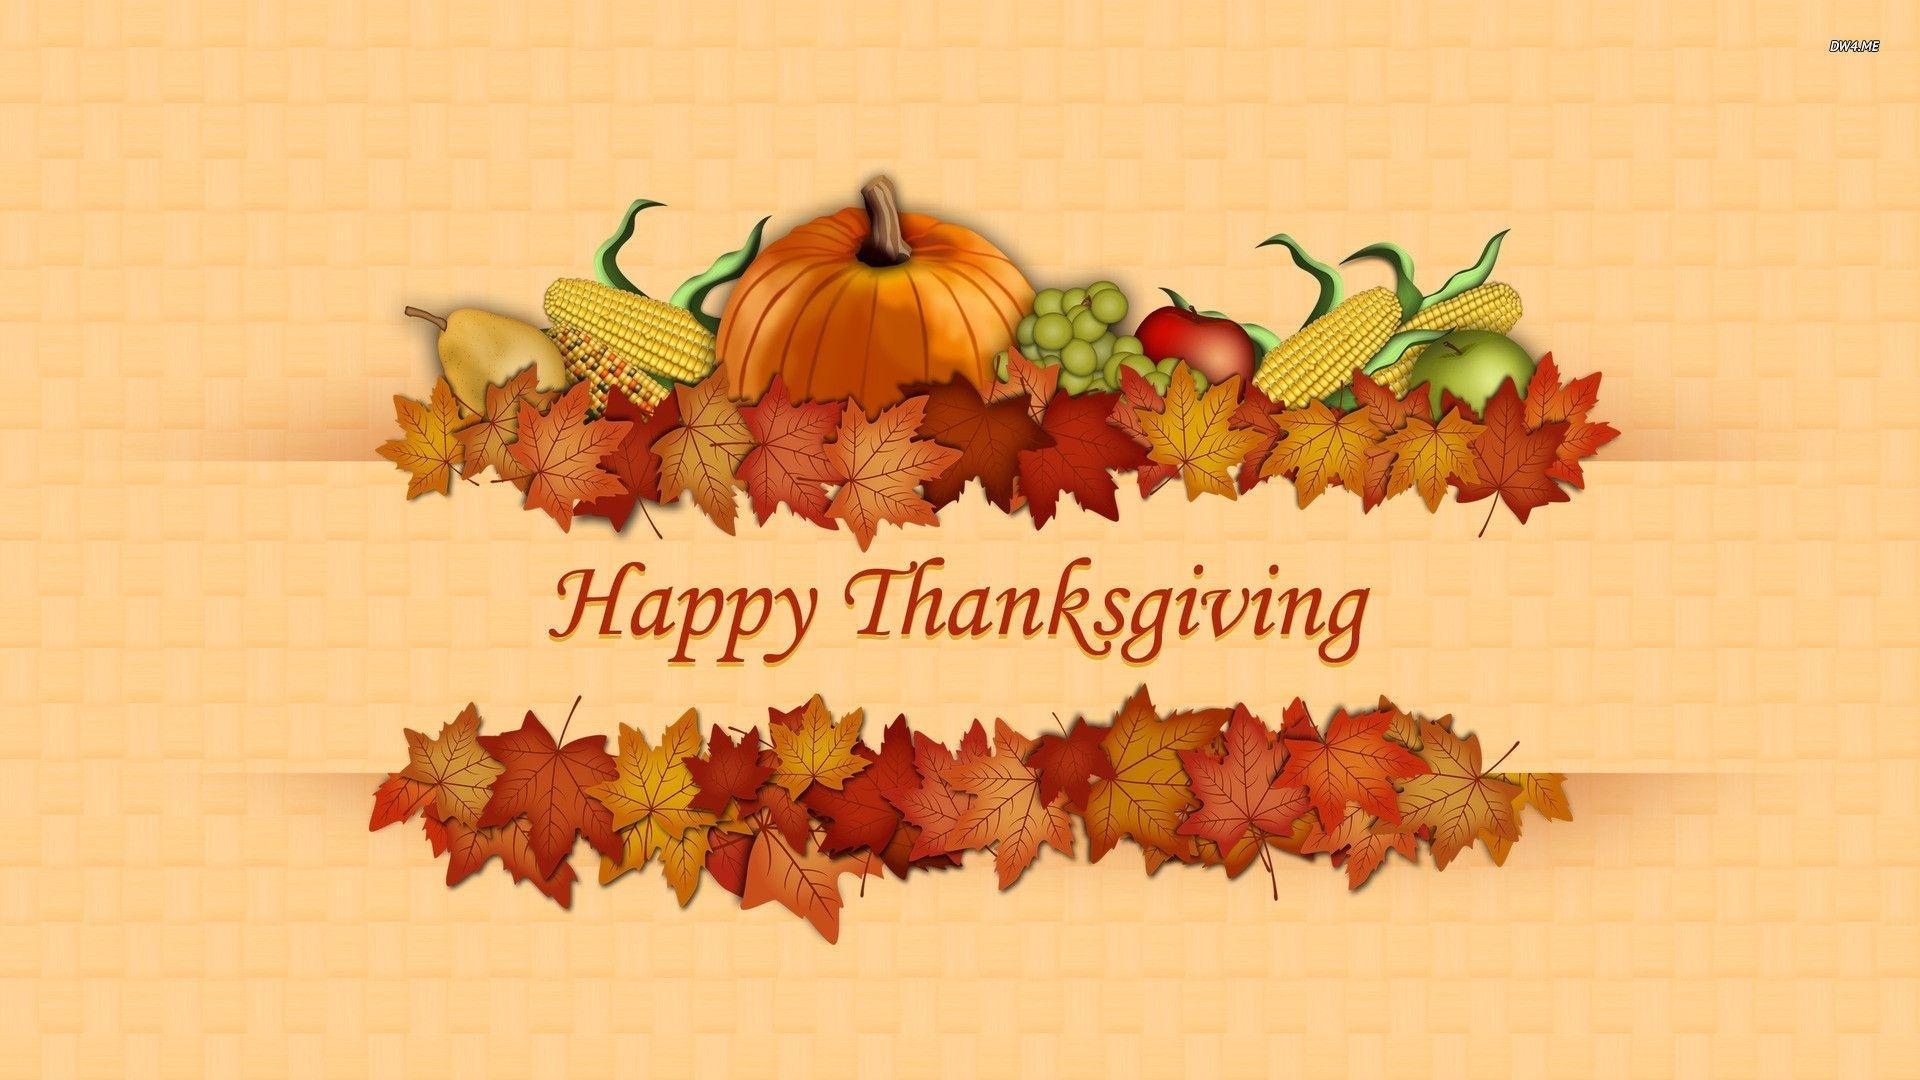 thanksgiving desktop wallpapers group | hd wallpapers | pinterest